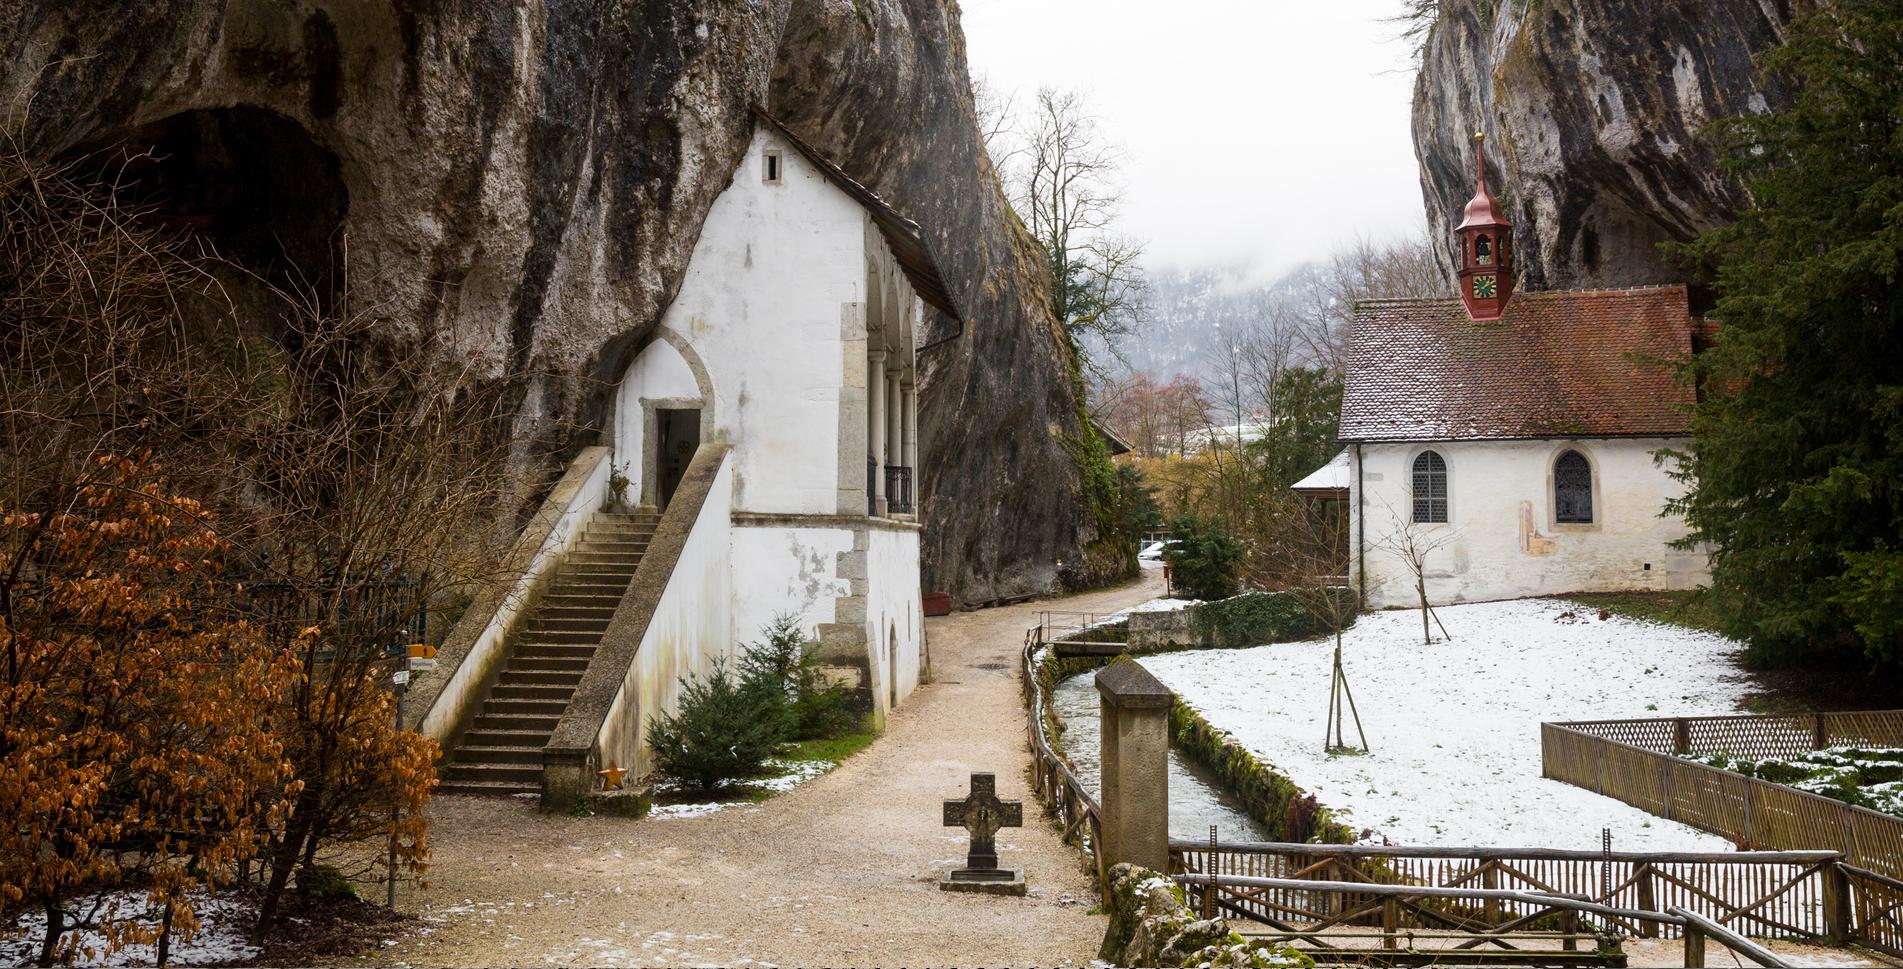 Wanderung von Solothurn durch die Verenaschlucht zur Einsiedelei und weiter via Stigelos, Nesselboden auf den Weissenstein, Jurakette, mit Abstieg via Hinter Weissenstein, Nidleloch / Nidlenloch nach Oberdorf mit den Dinosaurierspuren